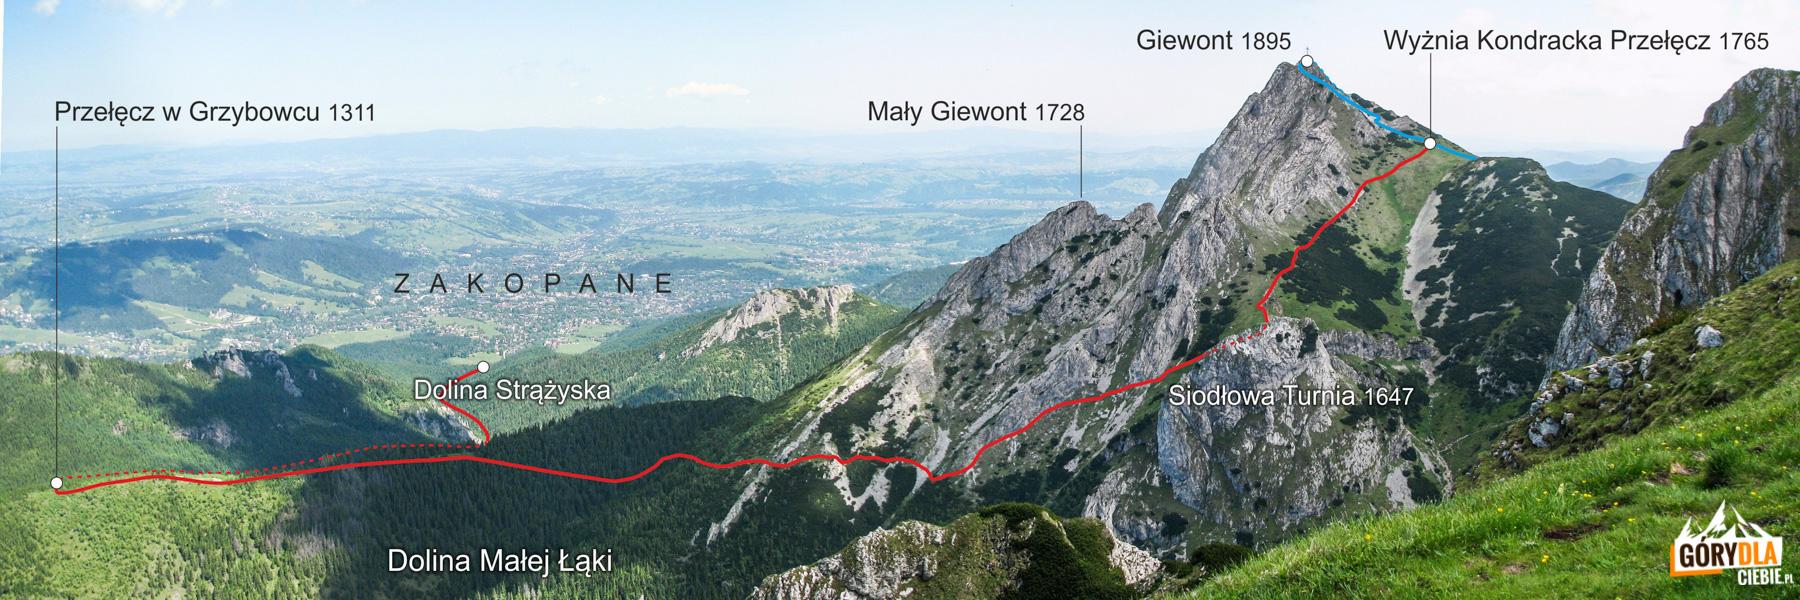 Wejście naGiewont czerwonym szlakiem przez Przełęcz wGrzybowcu